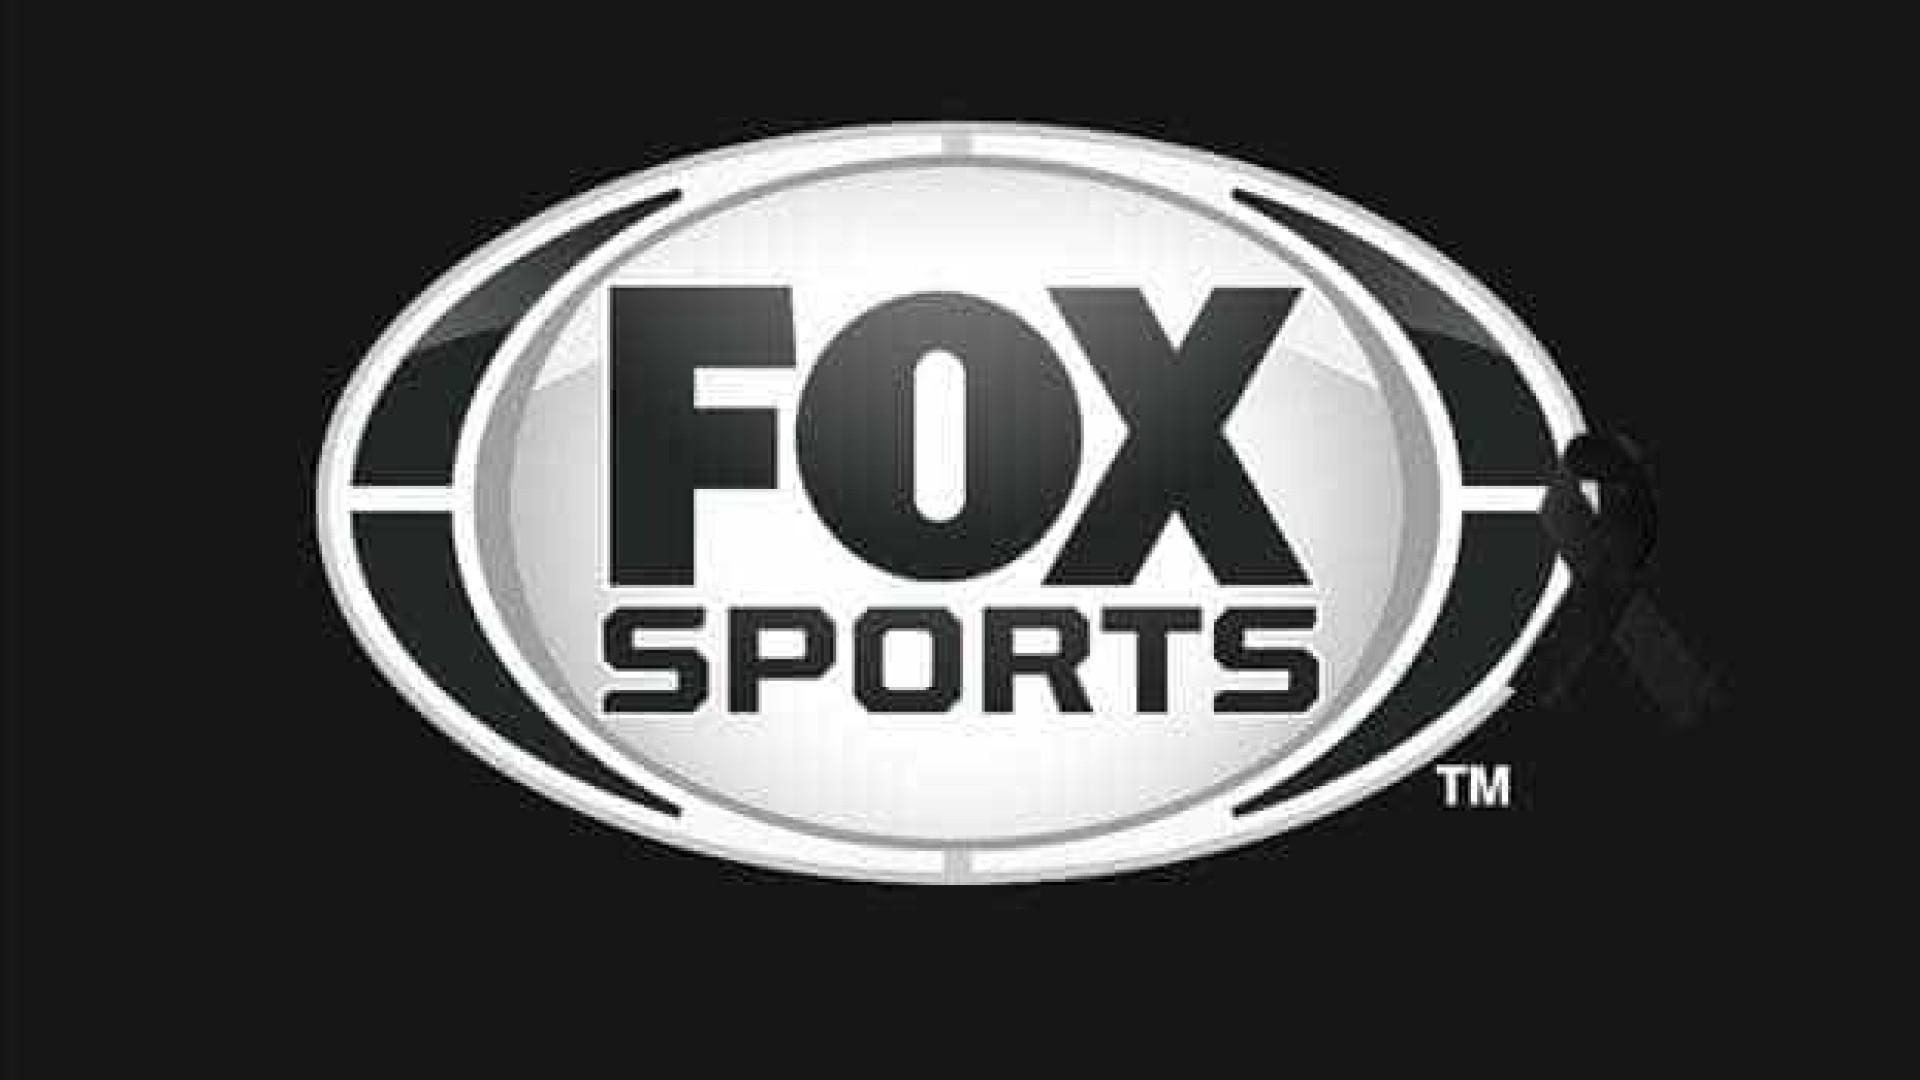 Fox Sports terá tela preta e 90 minutos de silêncio nesta quarta-feira